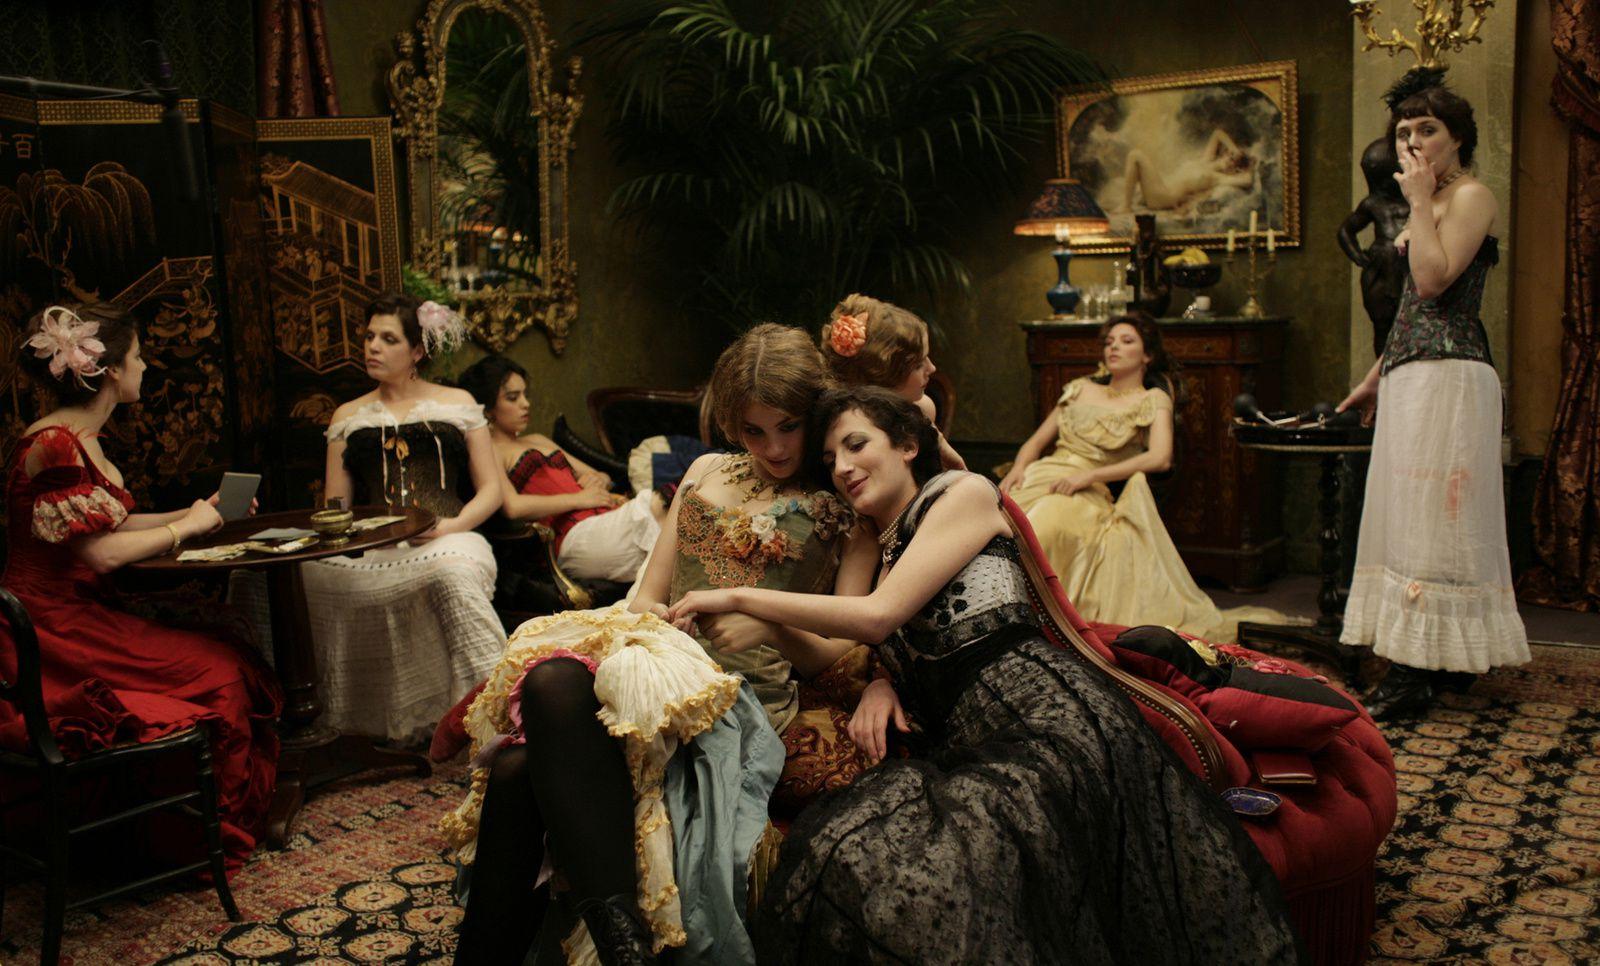 Les plaisirs populaires de Montmartre